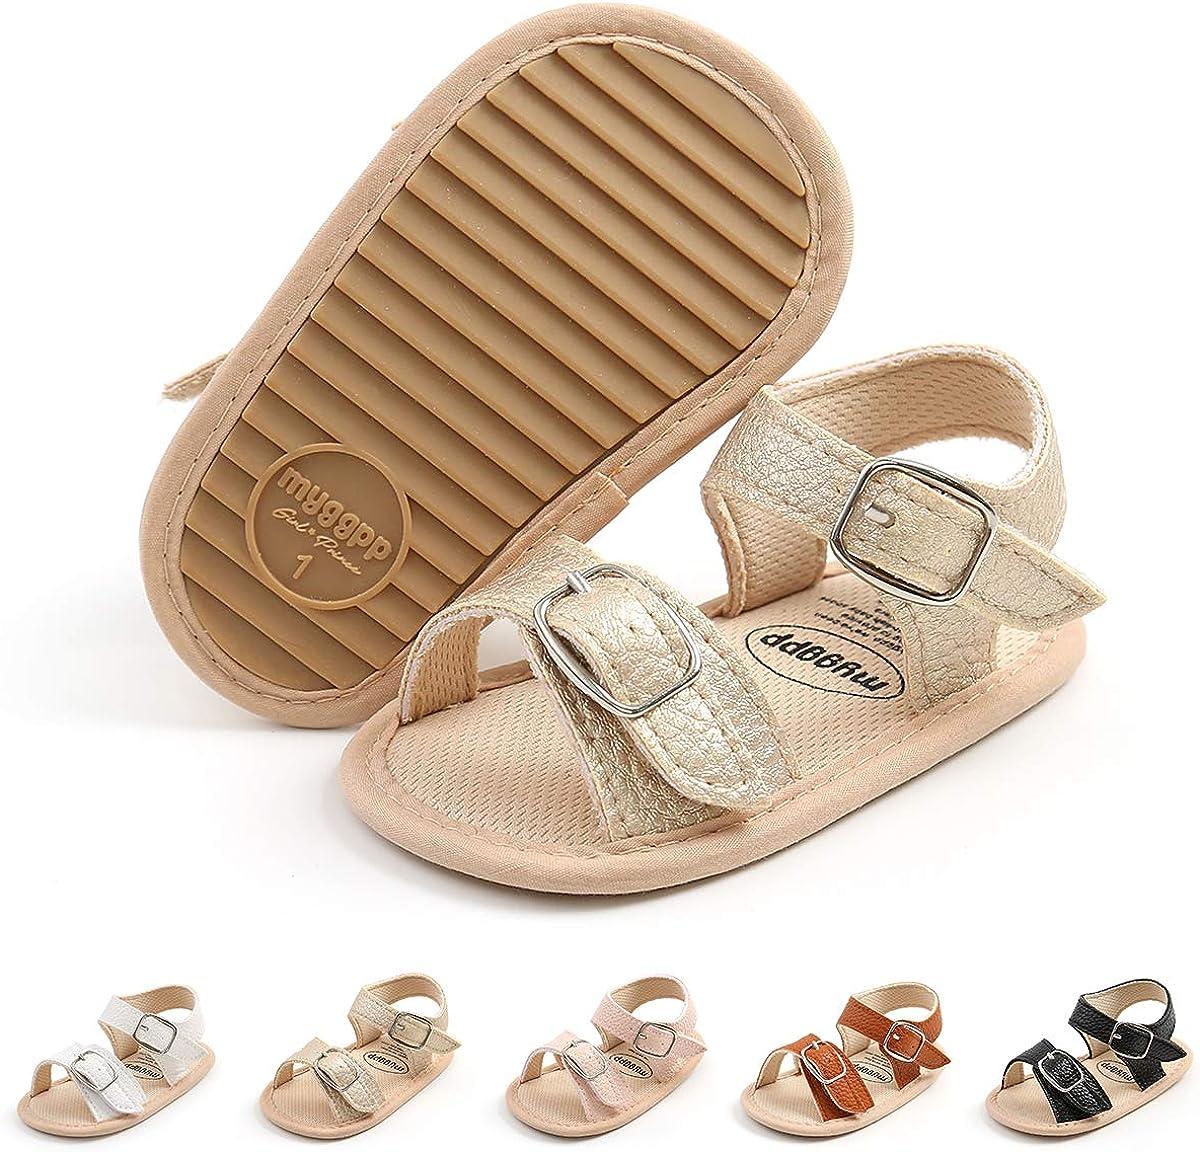 BENHERO Bargain Infant Baby Girls Boys Toddler Slipper Sandals Selling Summer So